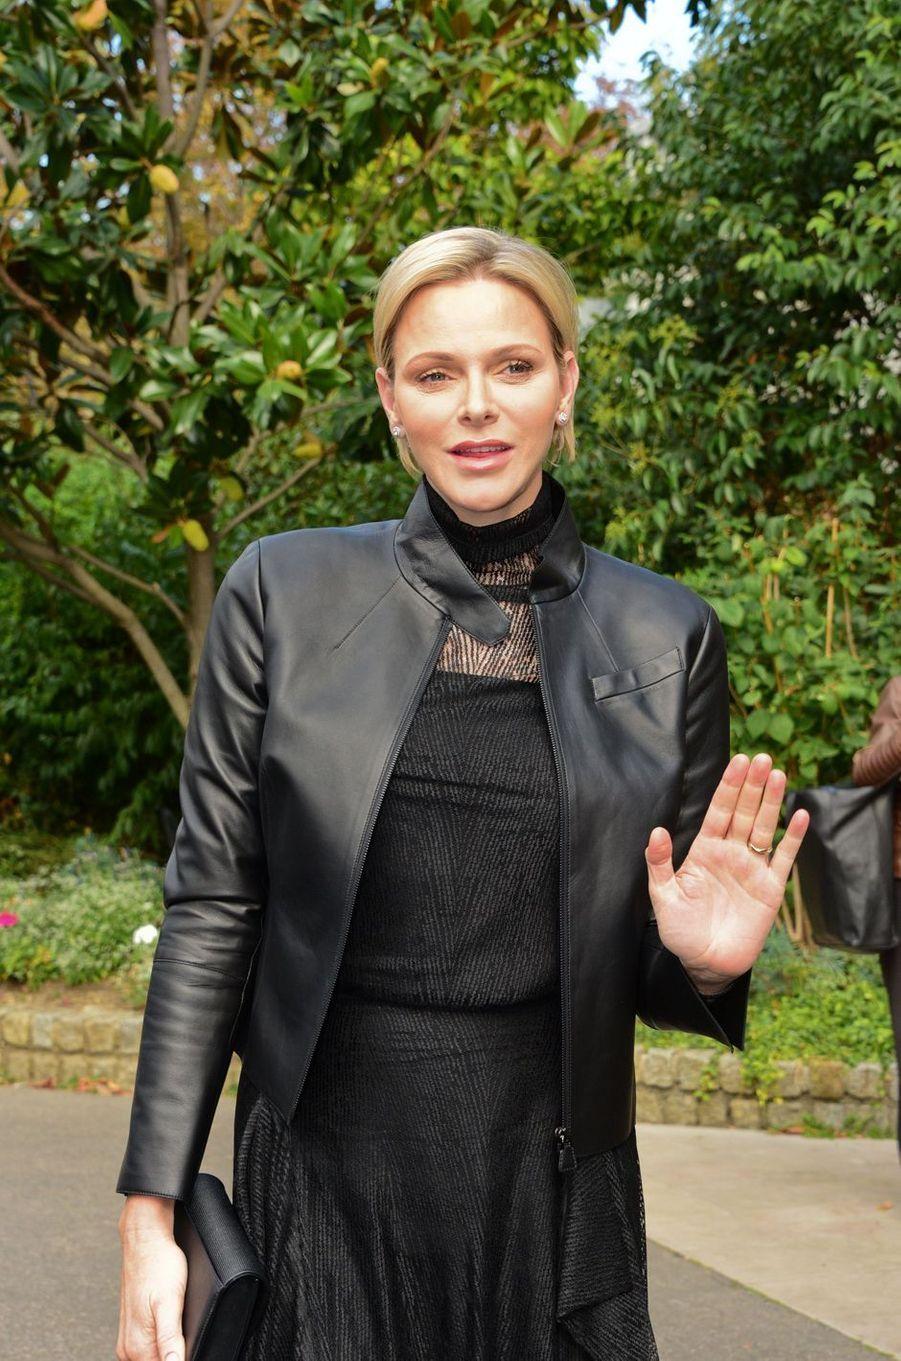 La princesse Charlène de Monaco à la Fashion Week à Paris, le 30 septembre 2018